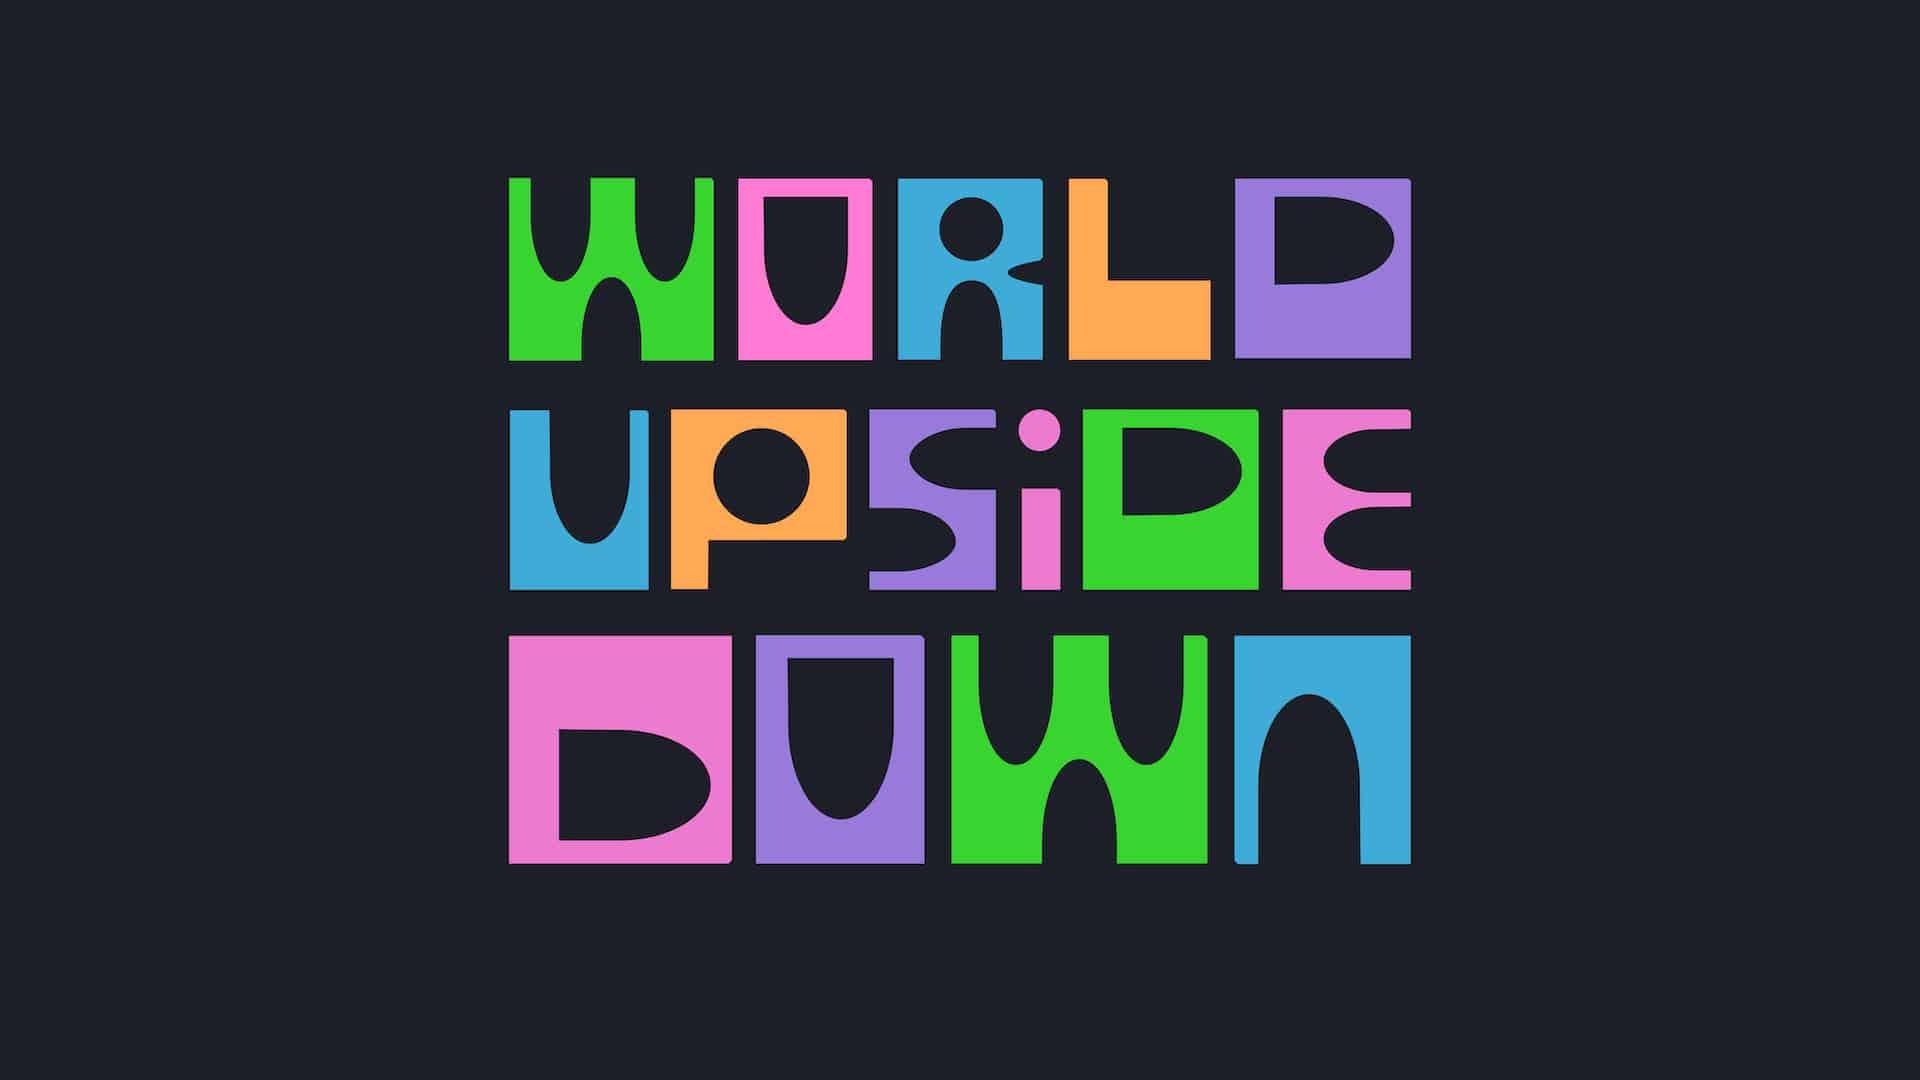 World Upside Down Exhibition